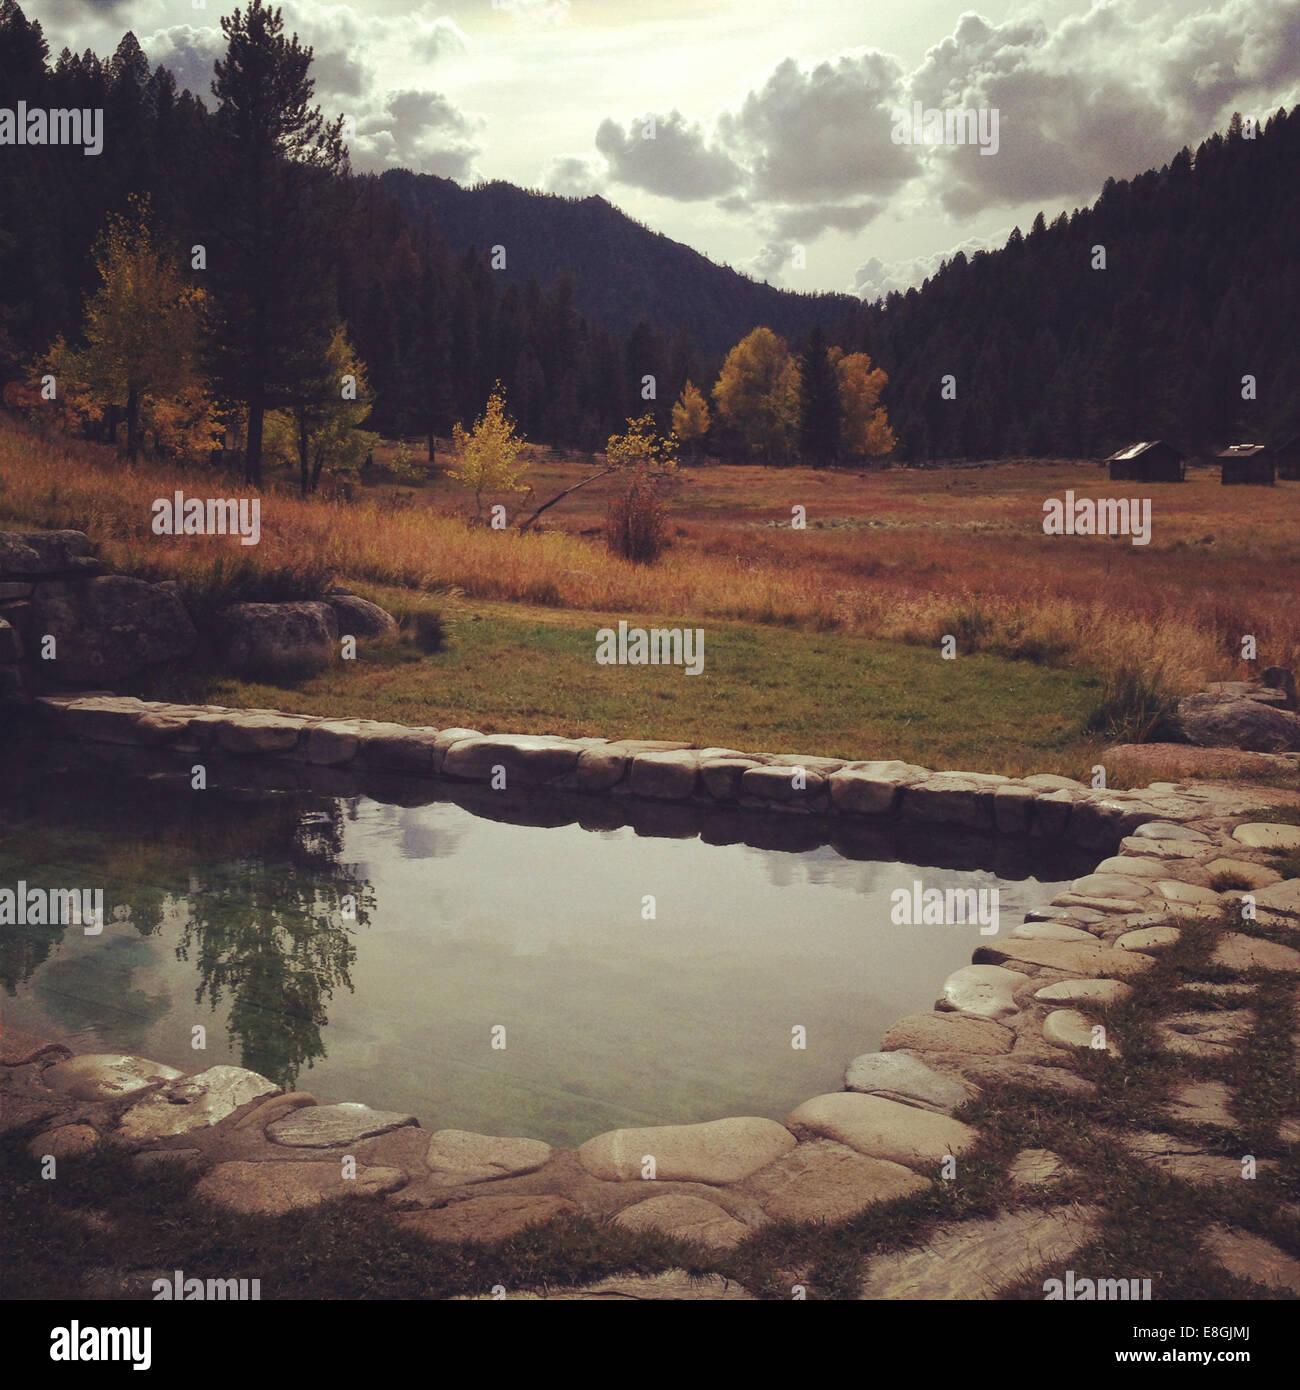 USA, California, Herbst-Landschaft mit Pool und kleine Hütten in fernen Stockbild